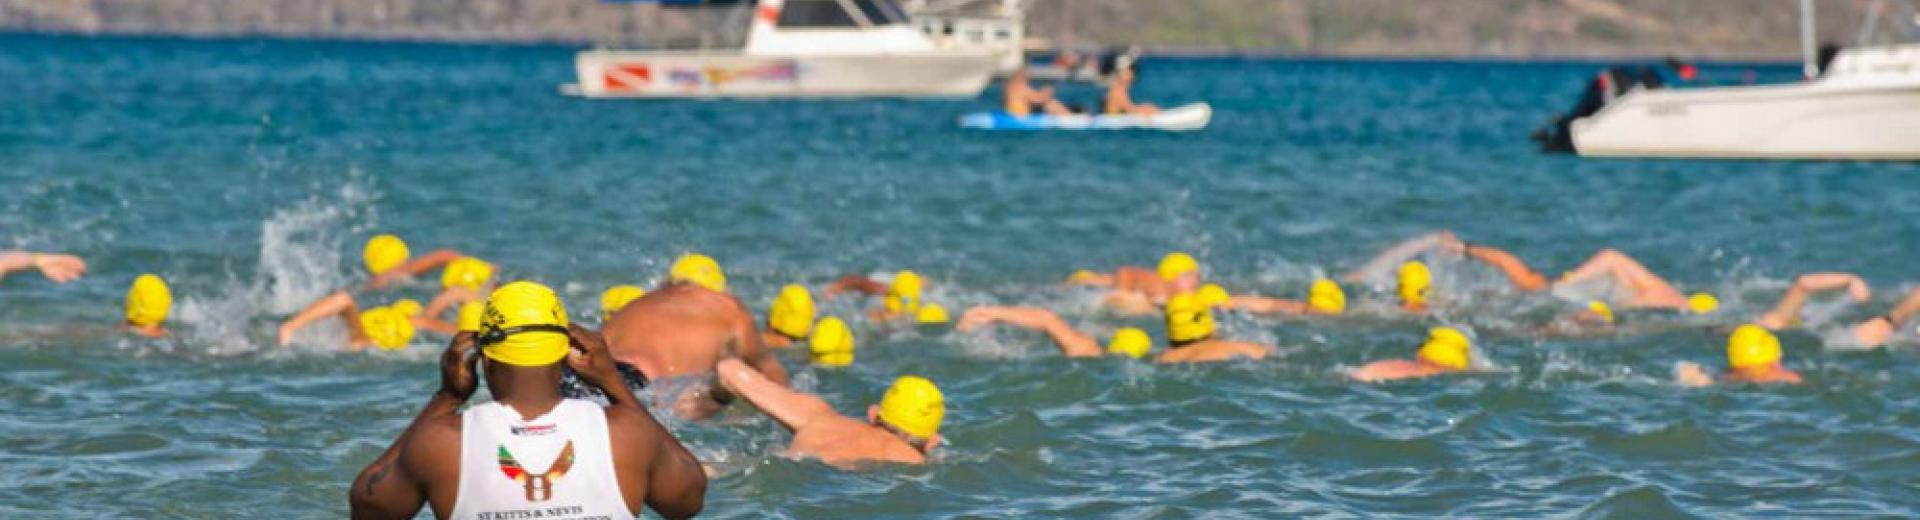 aquaticcarib swim